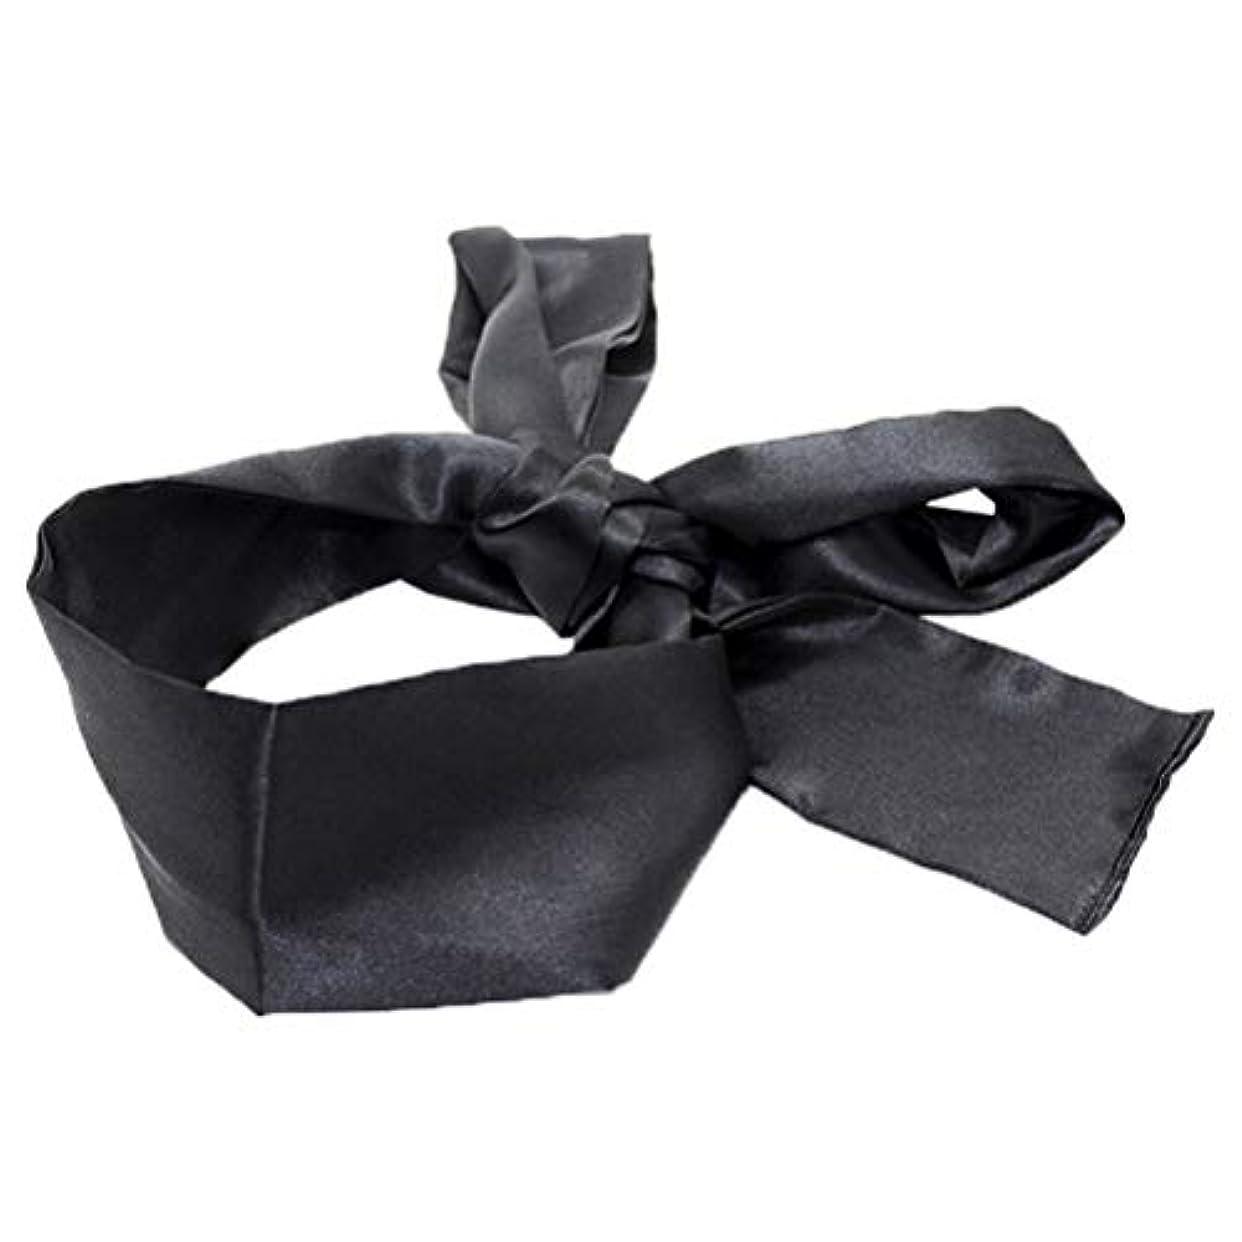 皮エトナ山ボーダーHEALIFTY 睡眠マスクホームトラベルコスチューム小道具(ブラック)用サテン目隠しソフト快適なアイマスクバンドブラインダー